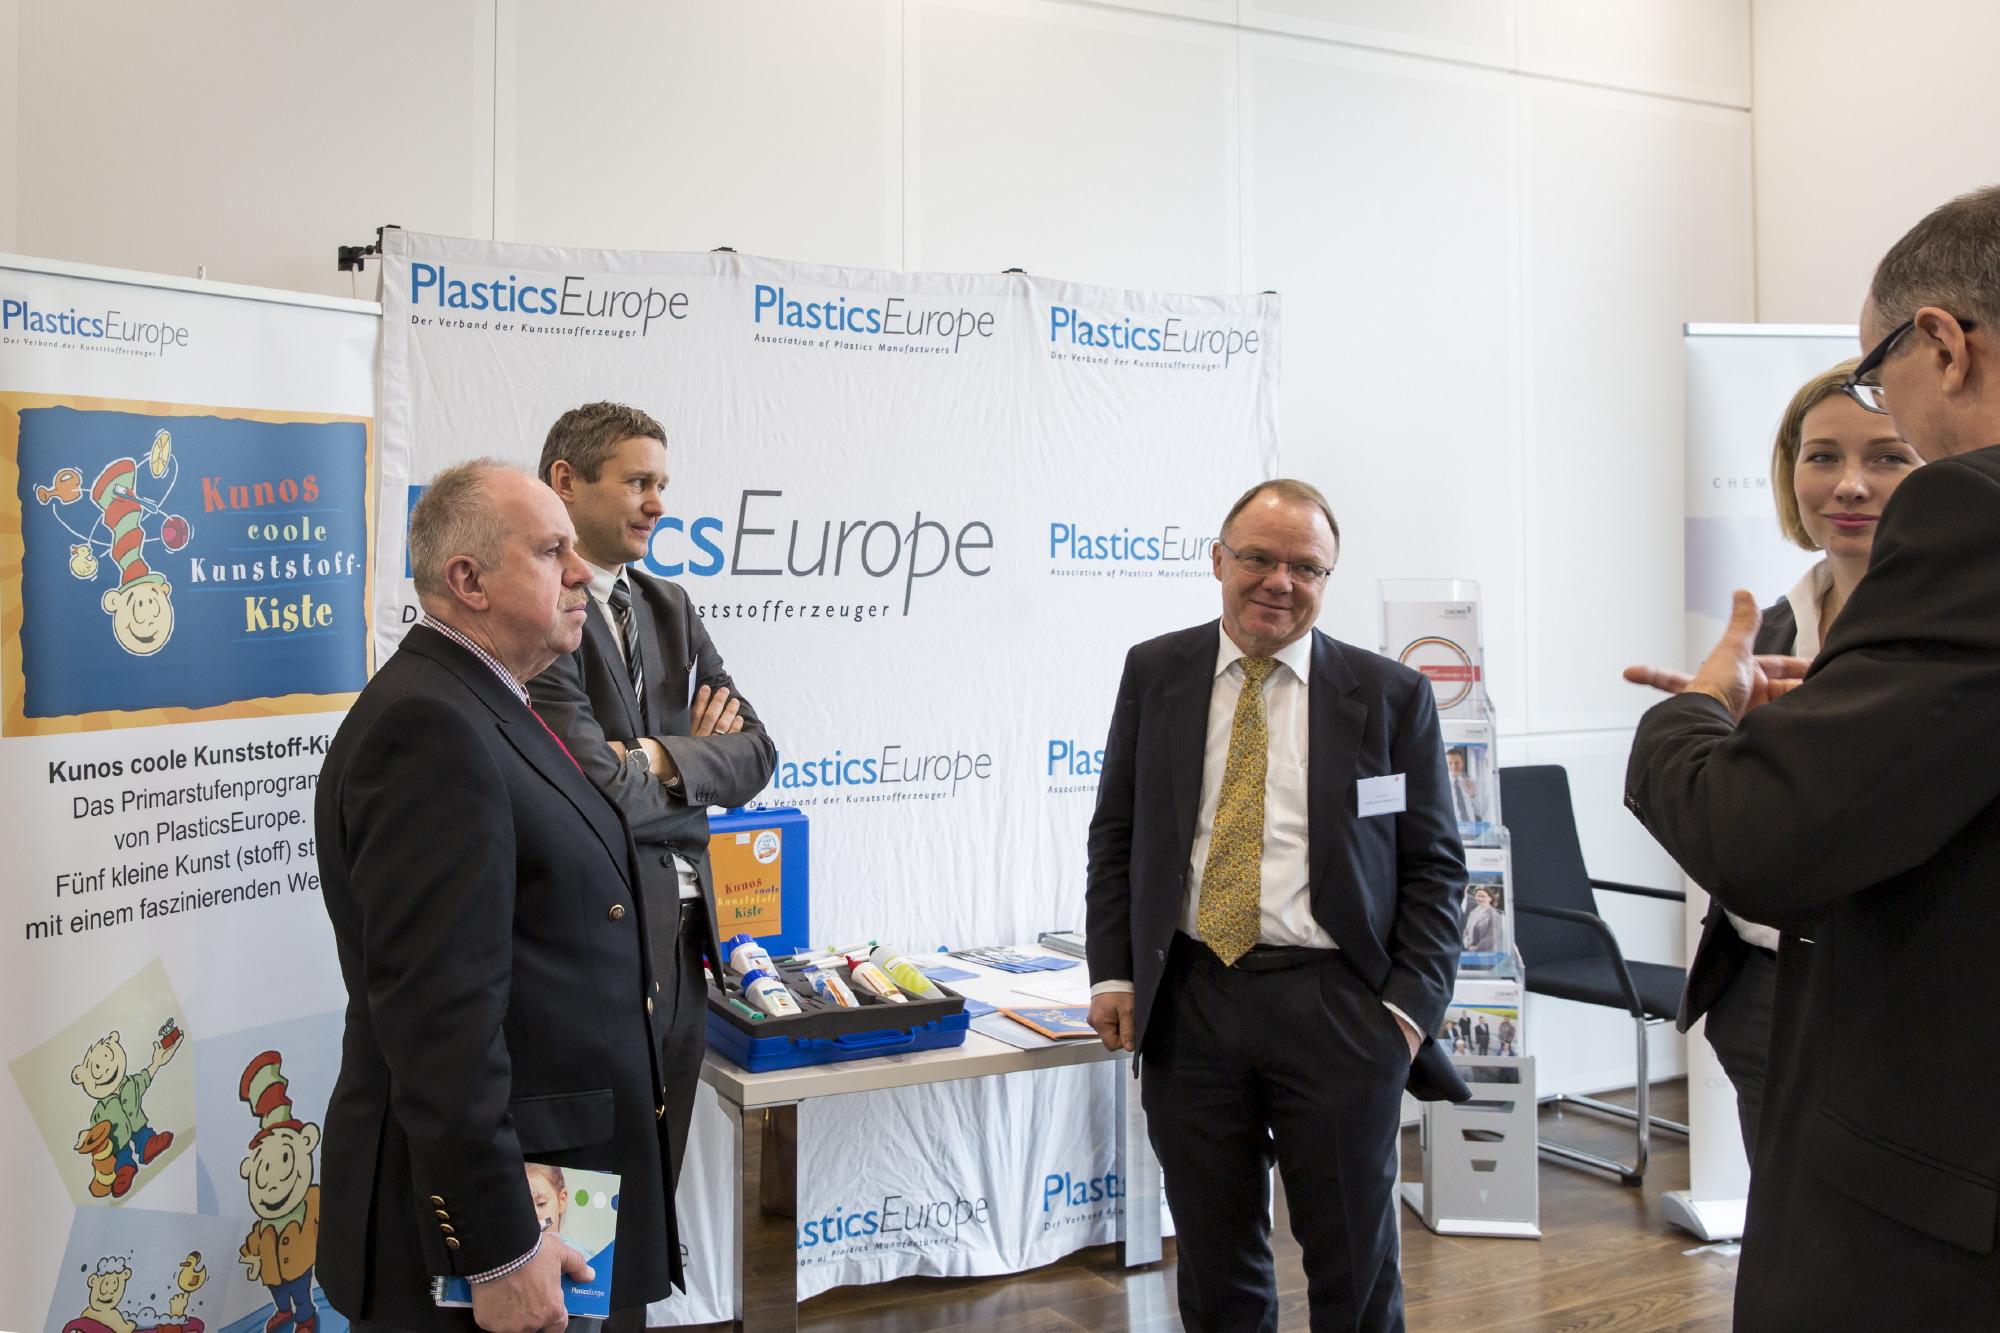 Anregende Diskussionen am Schularbeitsstand von PlasticsEurope